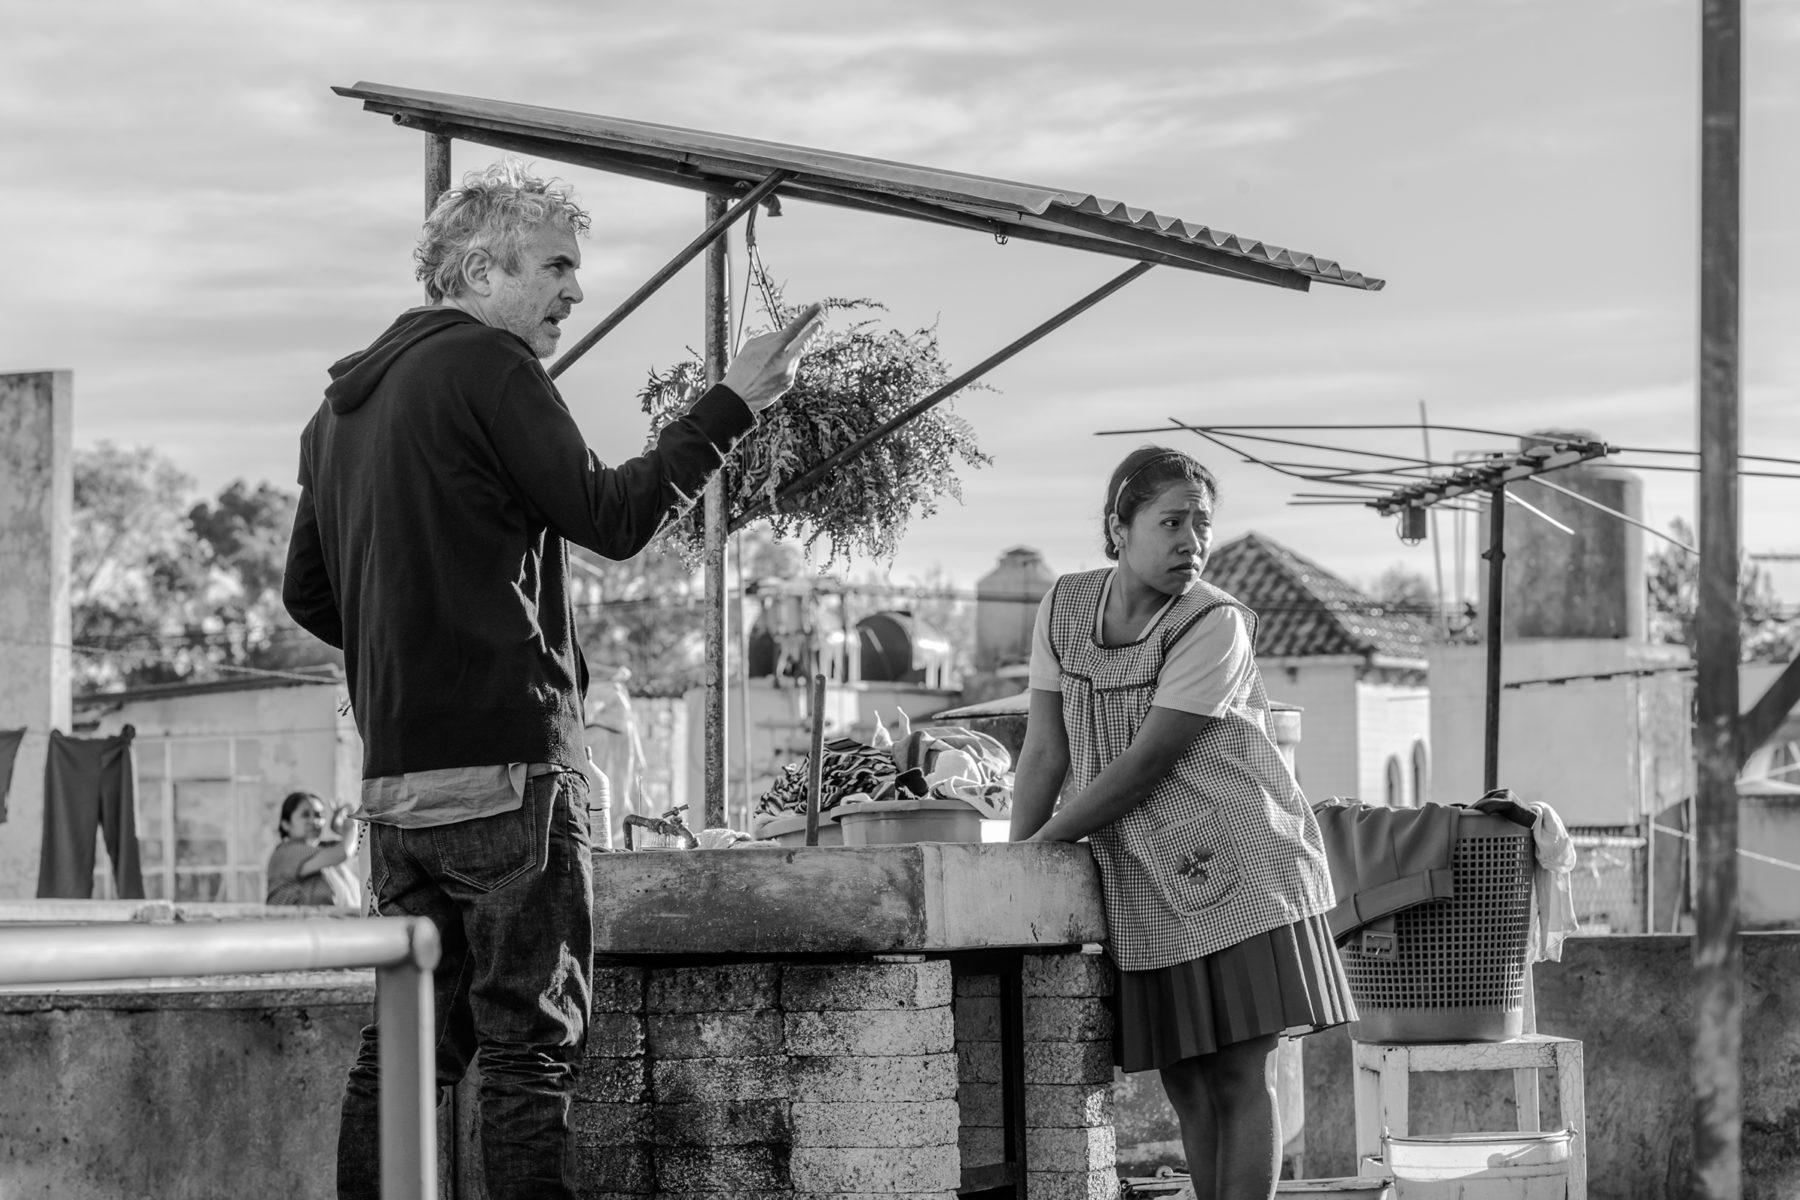 London Film Critics' Circle nombra a ROMA la mejor película del año 2018